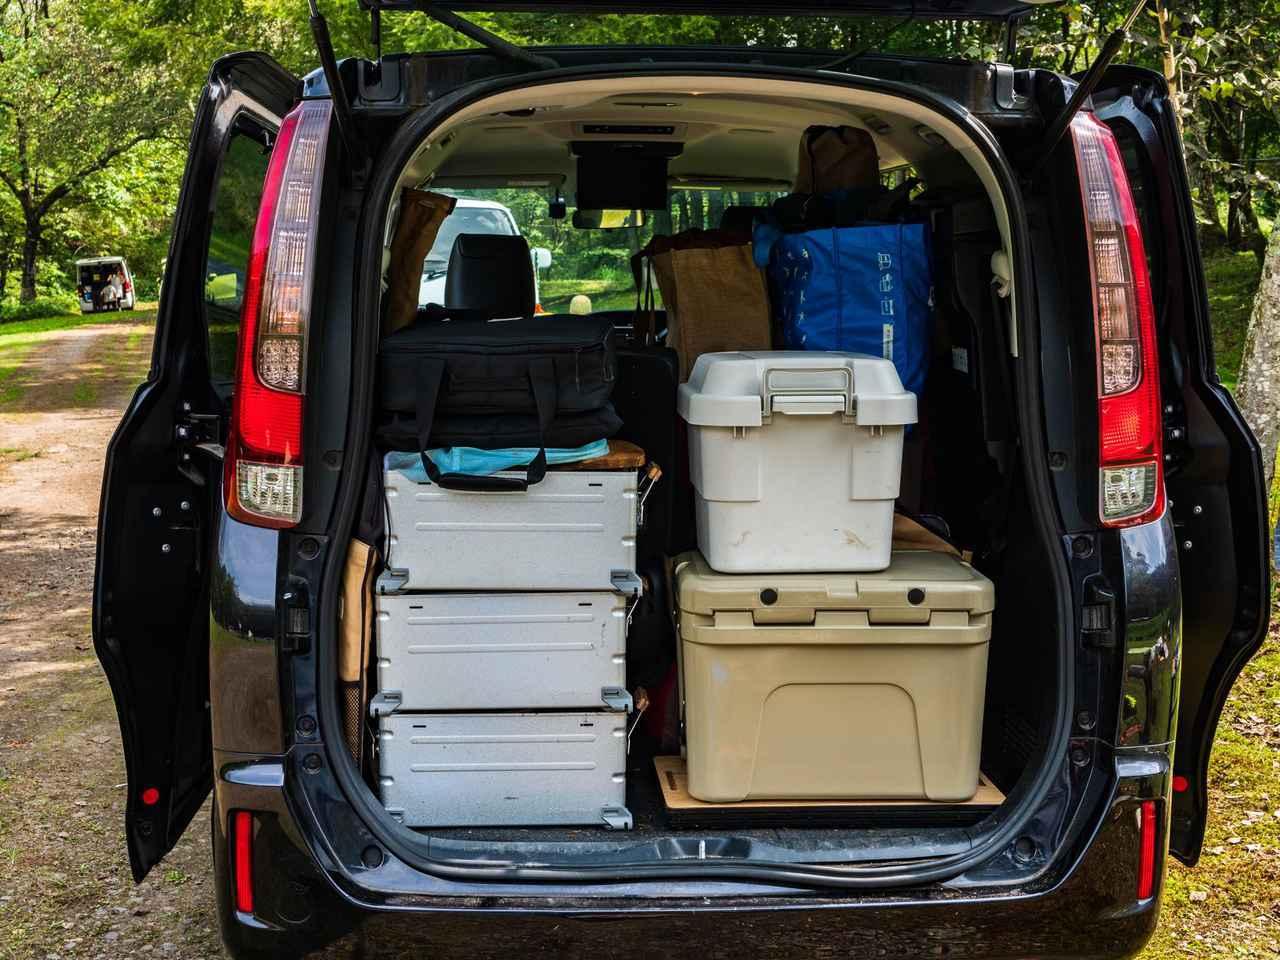 画像1: 5人家族キャンプの収納&積載のコツ! スノーピークのシェルフコンテナが優秀 収納テクをご紹介 - ハピキャン(HAPPY CAMPER)